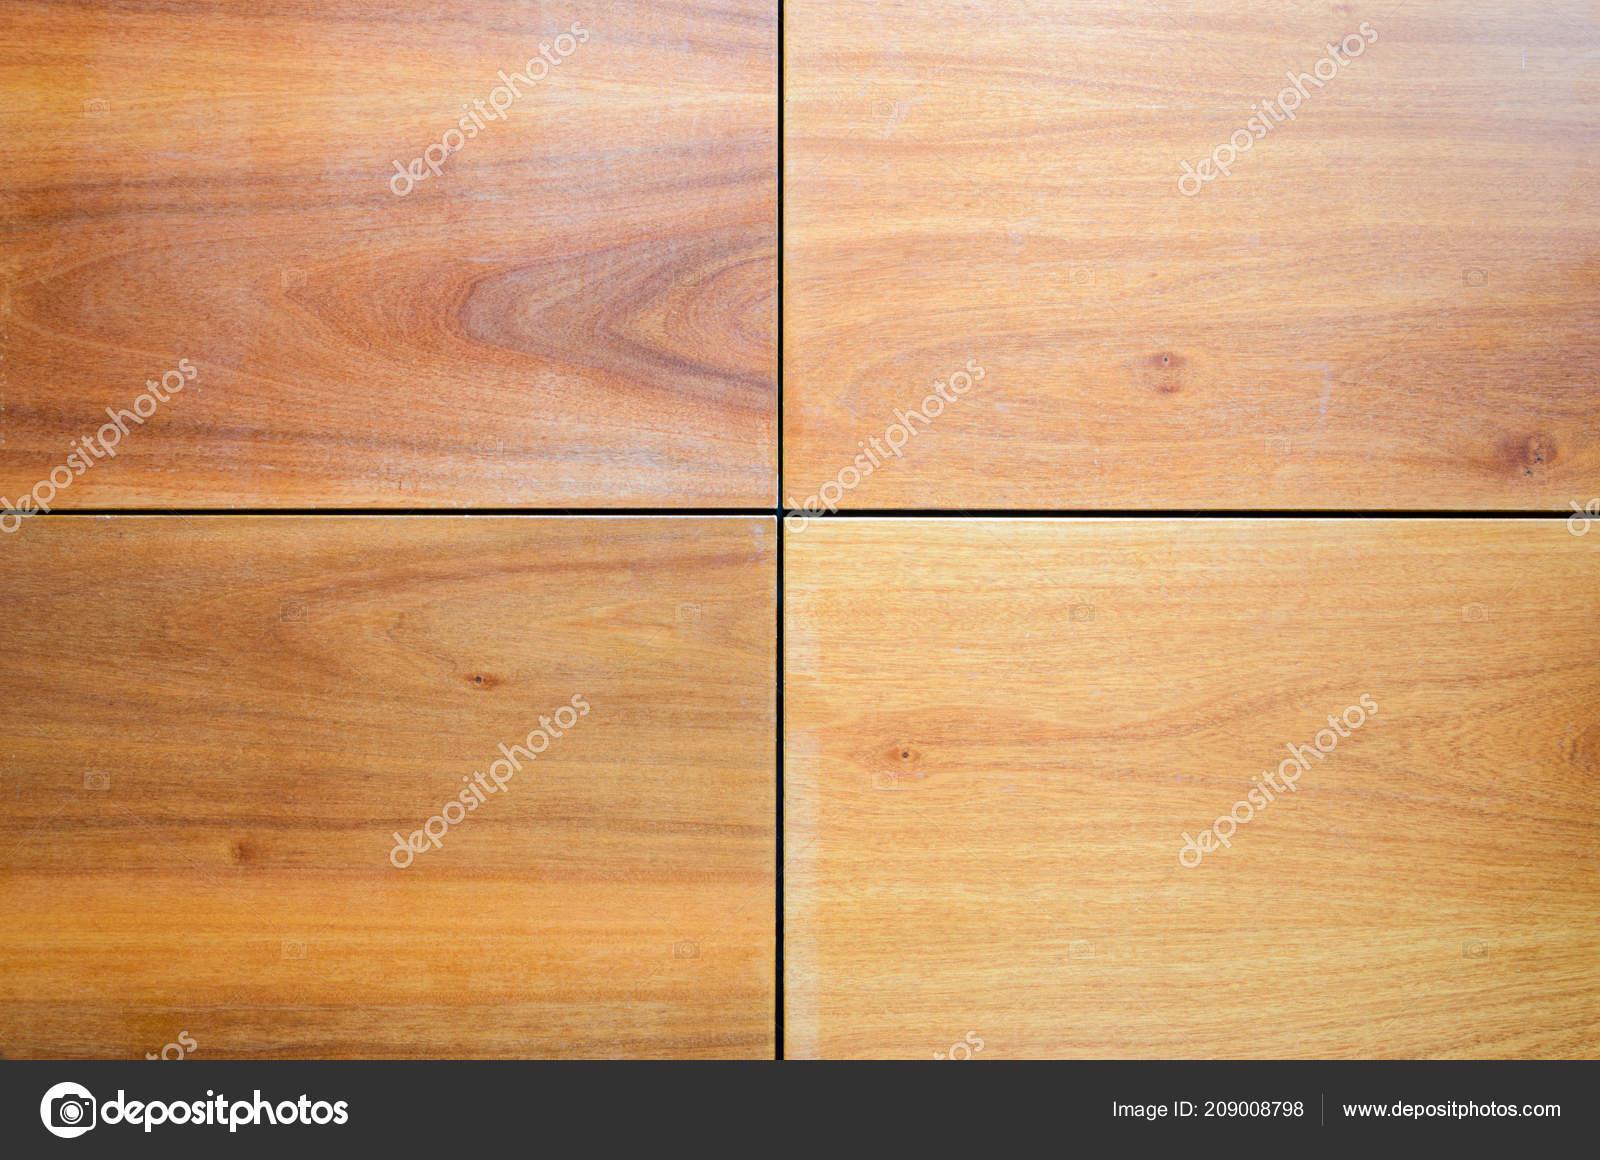 Wood Finishing Wall Panels Background Joints Decorative Finishing